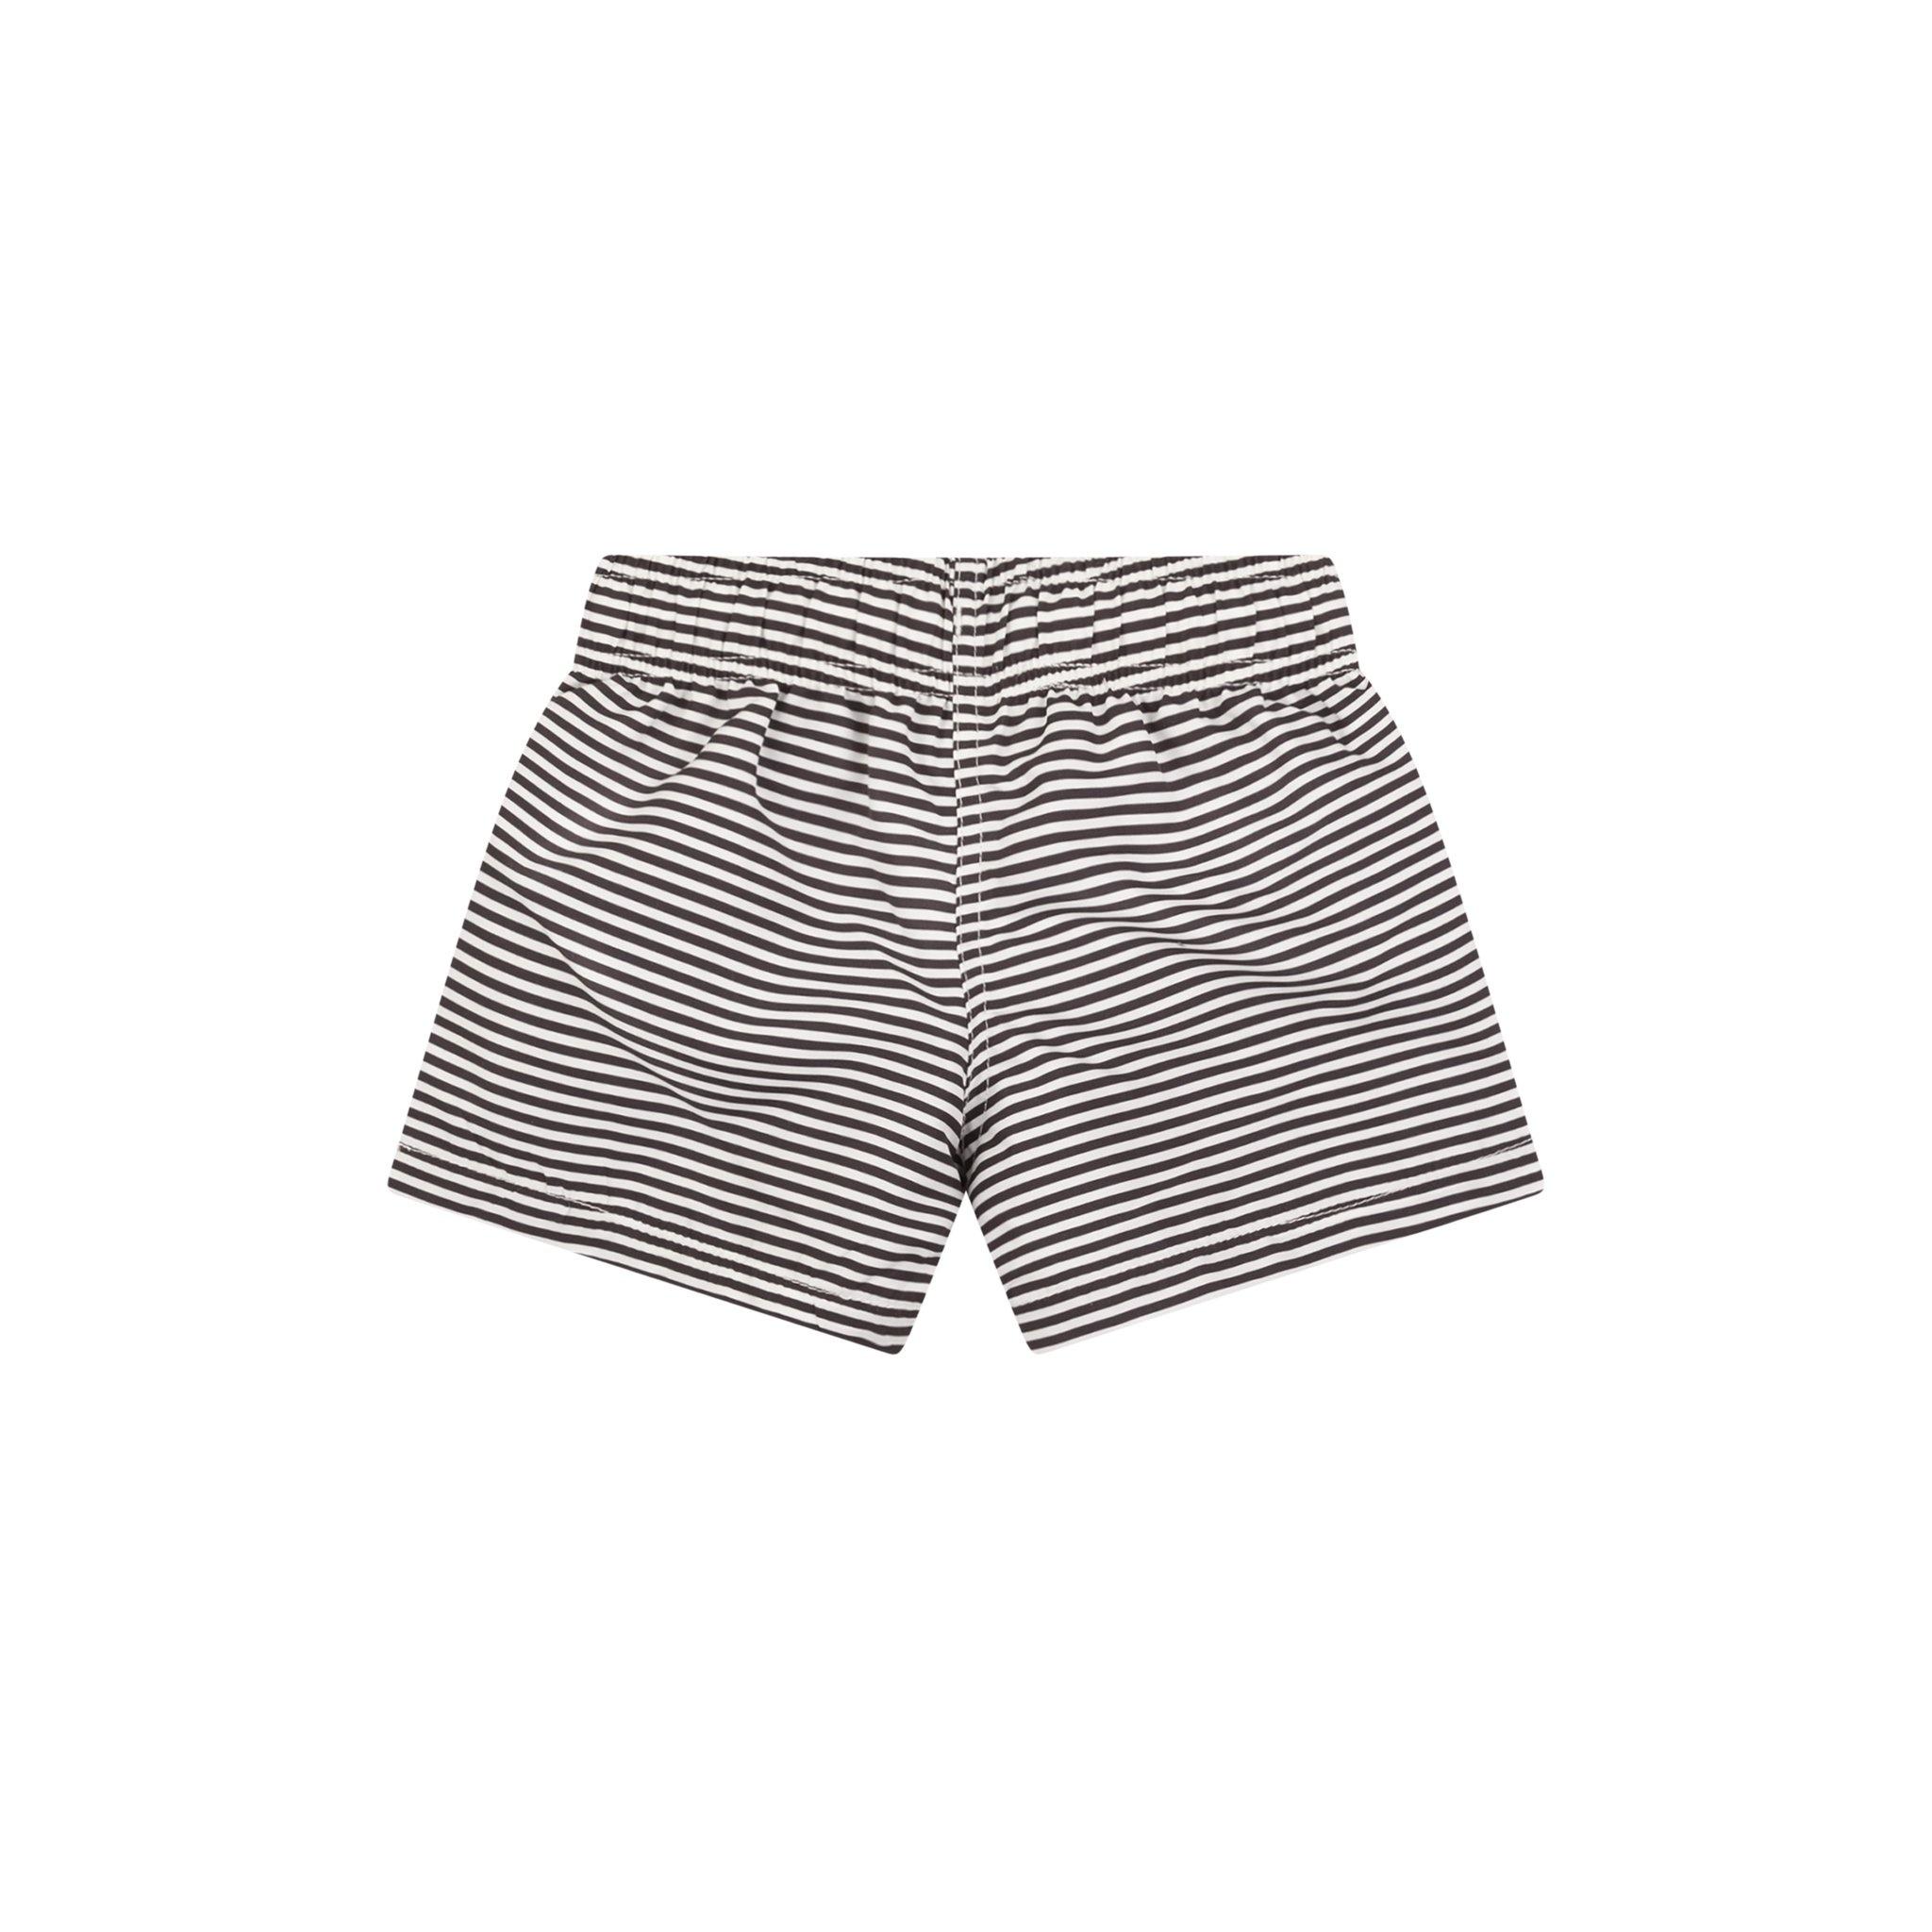 Swimming trunks-2